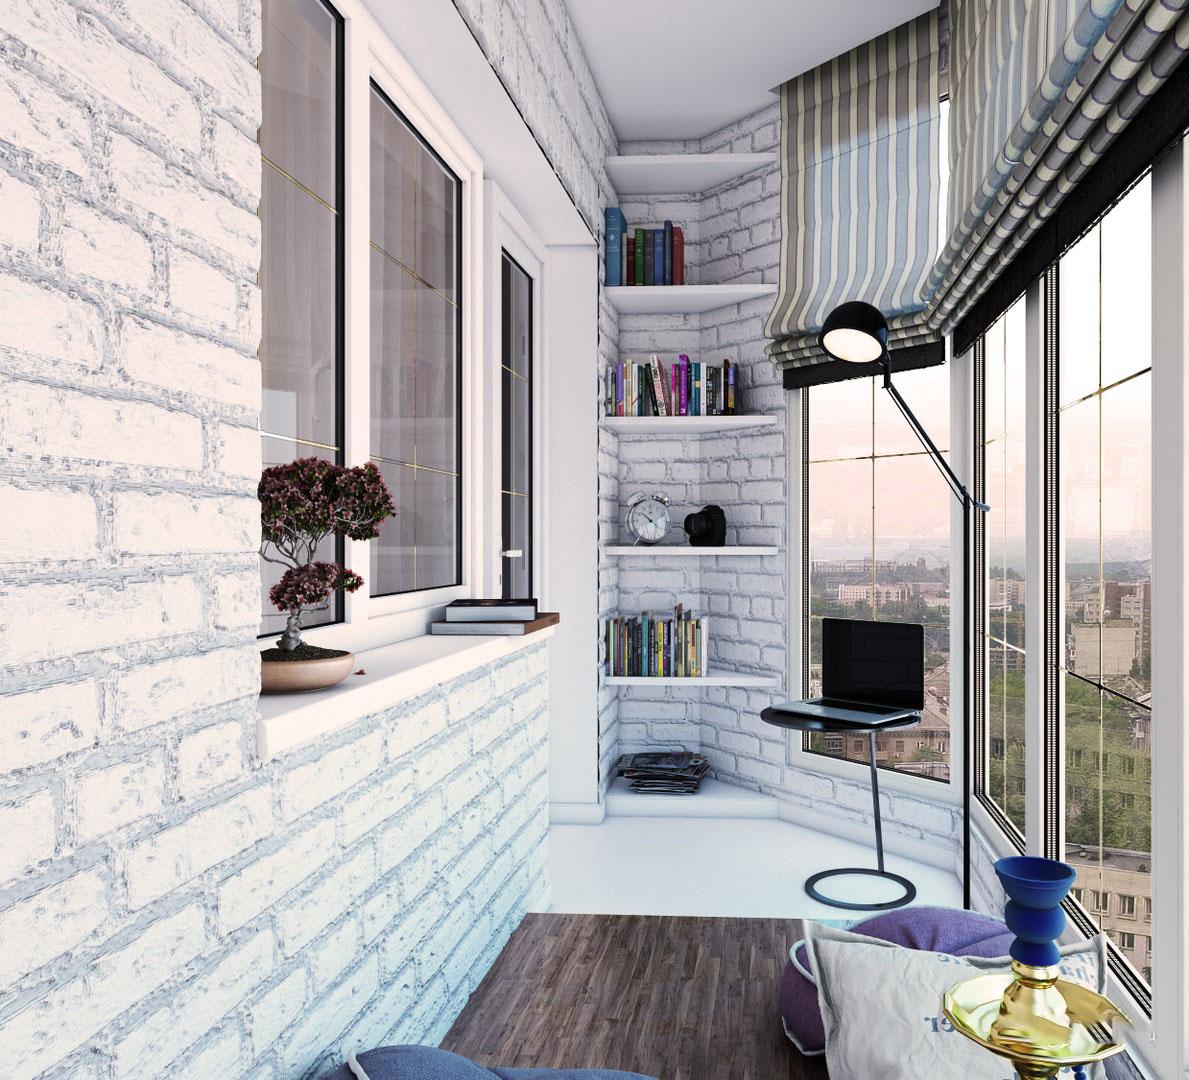 Панорамное окно на балкон или лоджию: варианты решений.